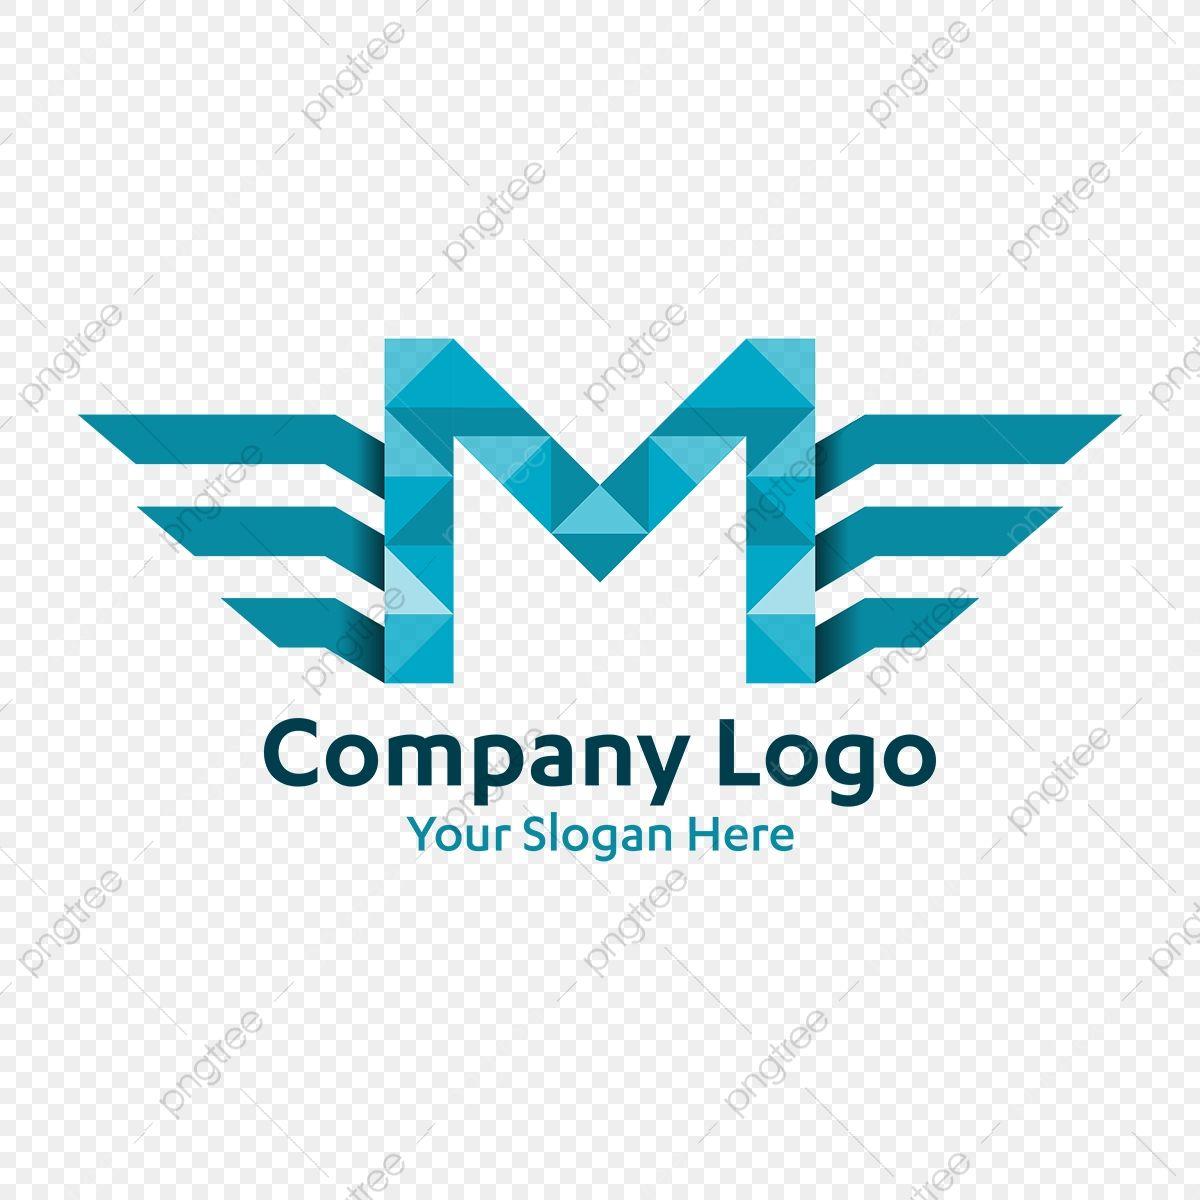 جميل حرف م تصميم شعار مفهوم التصميم مع الأشكال الهندسية الحديثة والمهنية يشعرون لطيفة جدا للمعلم هوية العلامة التجارية Lettering Logo Design Letter M Logo